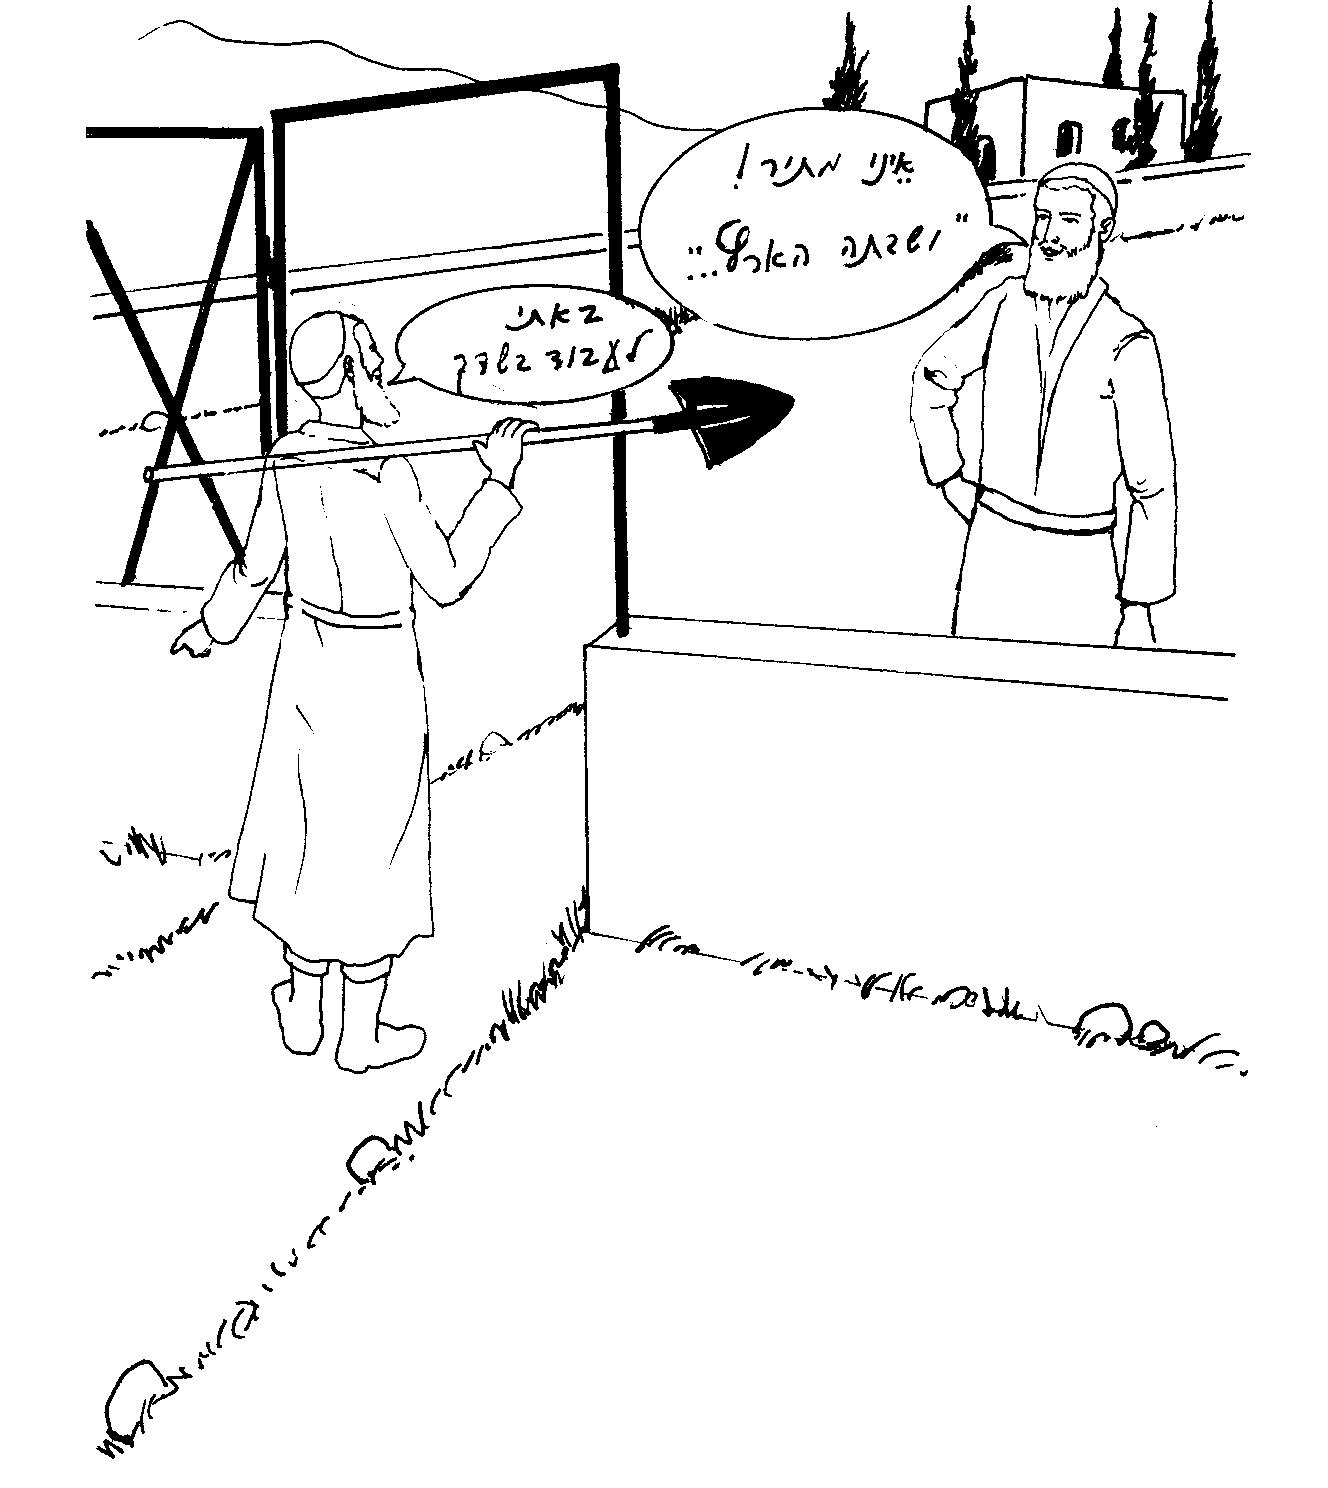 עובד שבא לעבוד בשמיטה